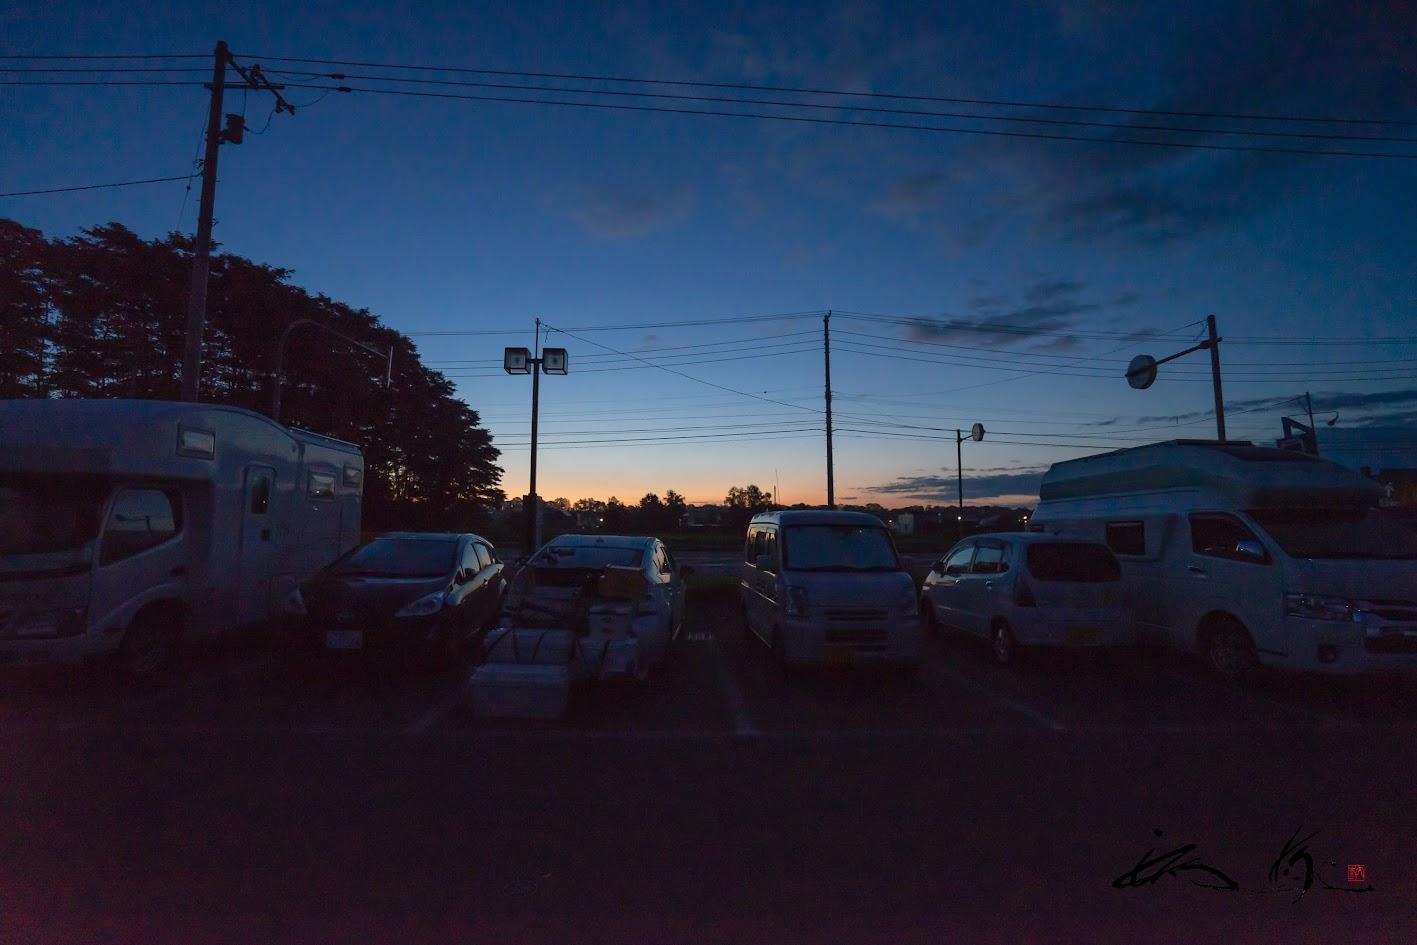 キャンピングカーが並ぶ、夜明けの道の駅の駐車場。。。